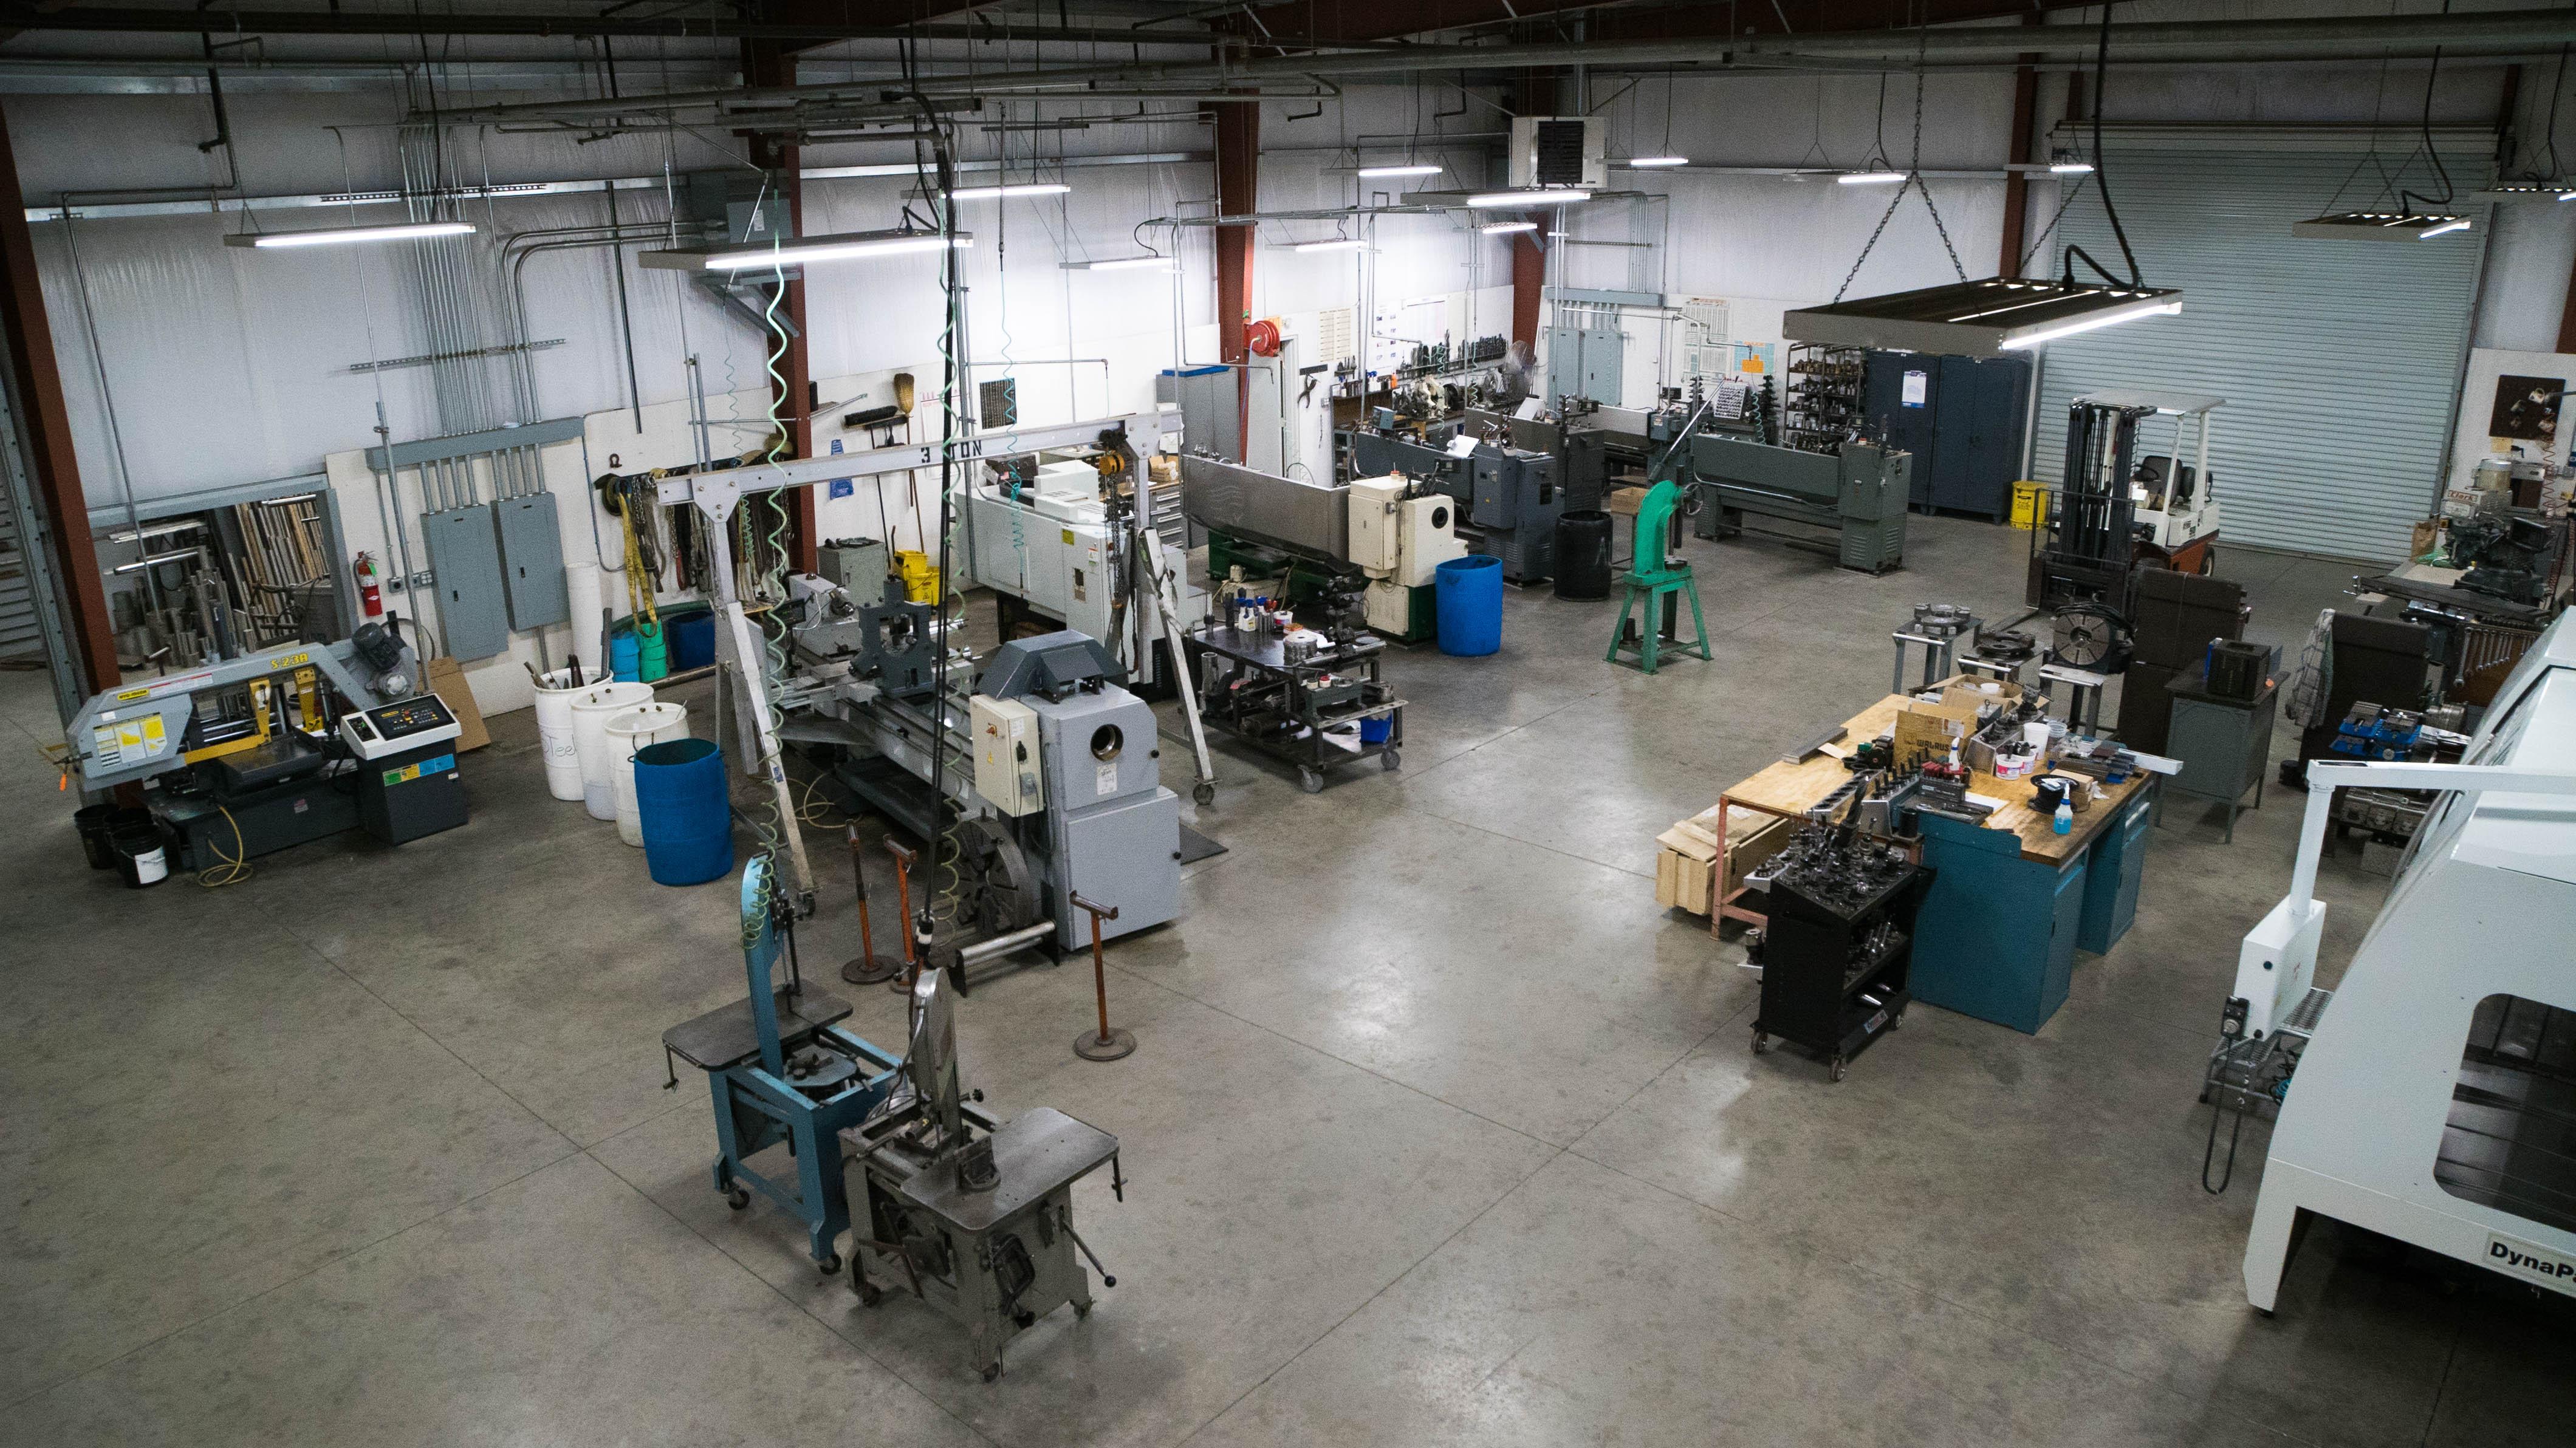 Dix Machine Shop – Dix Machine Shop